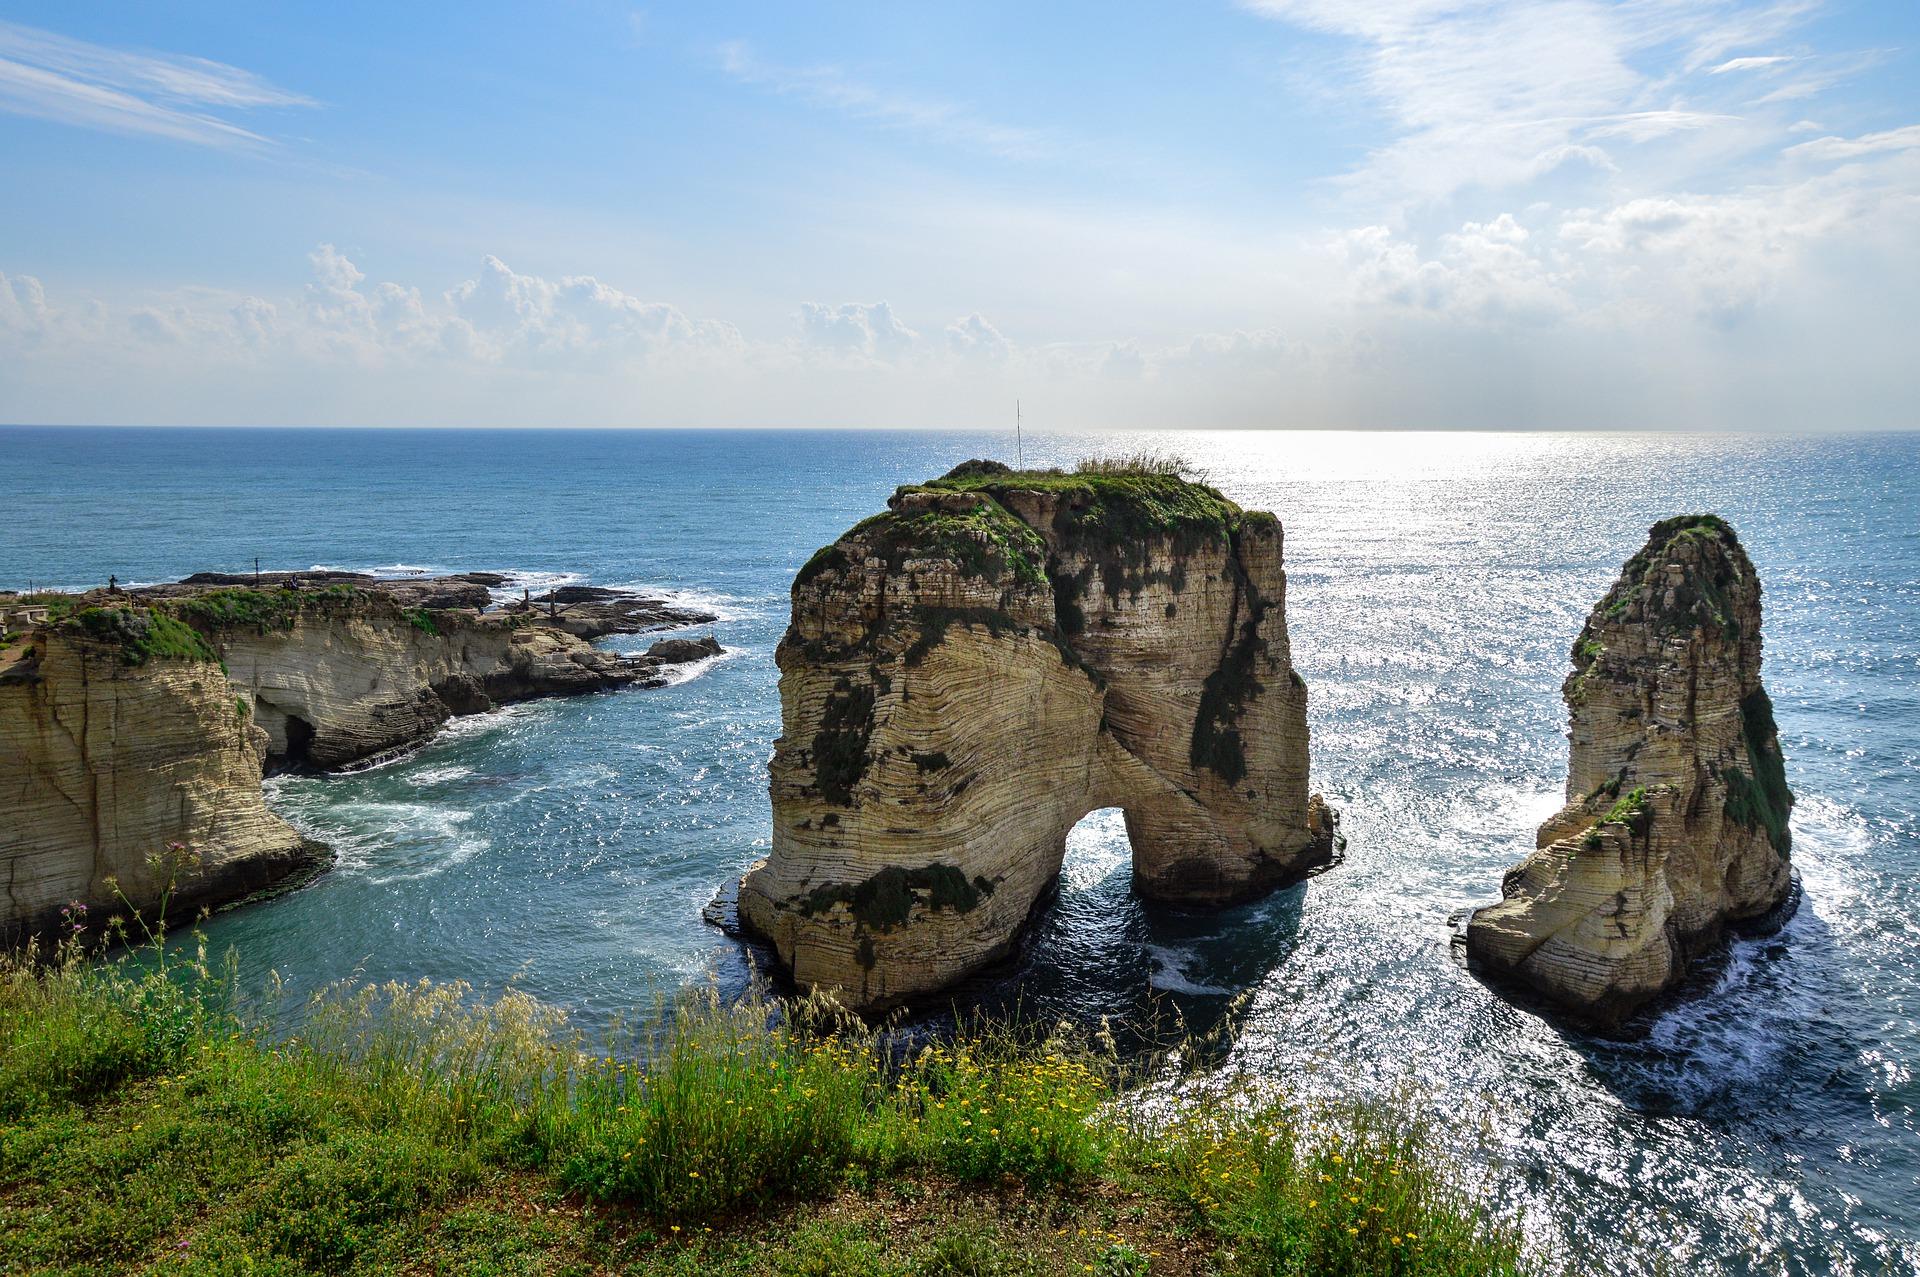 الرئيس السيسي يؤكد على دور مصر Egypt في دعم لبنان واستعادة استقرارها